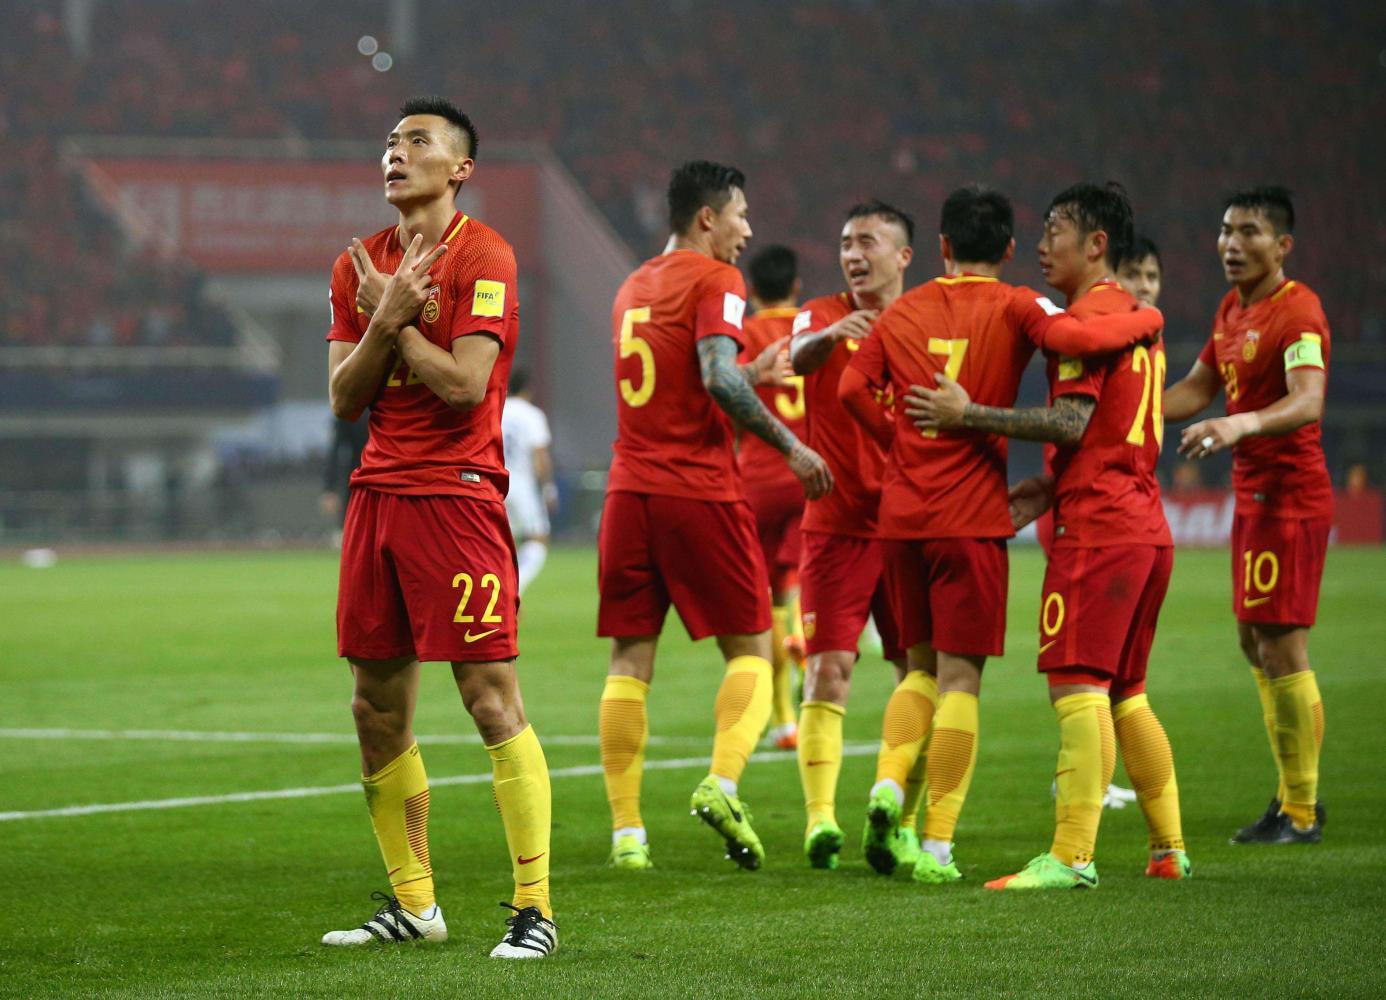 够狠!一场3-0让韩国颜面无存 这么踢他们又要被国足羞辱了